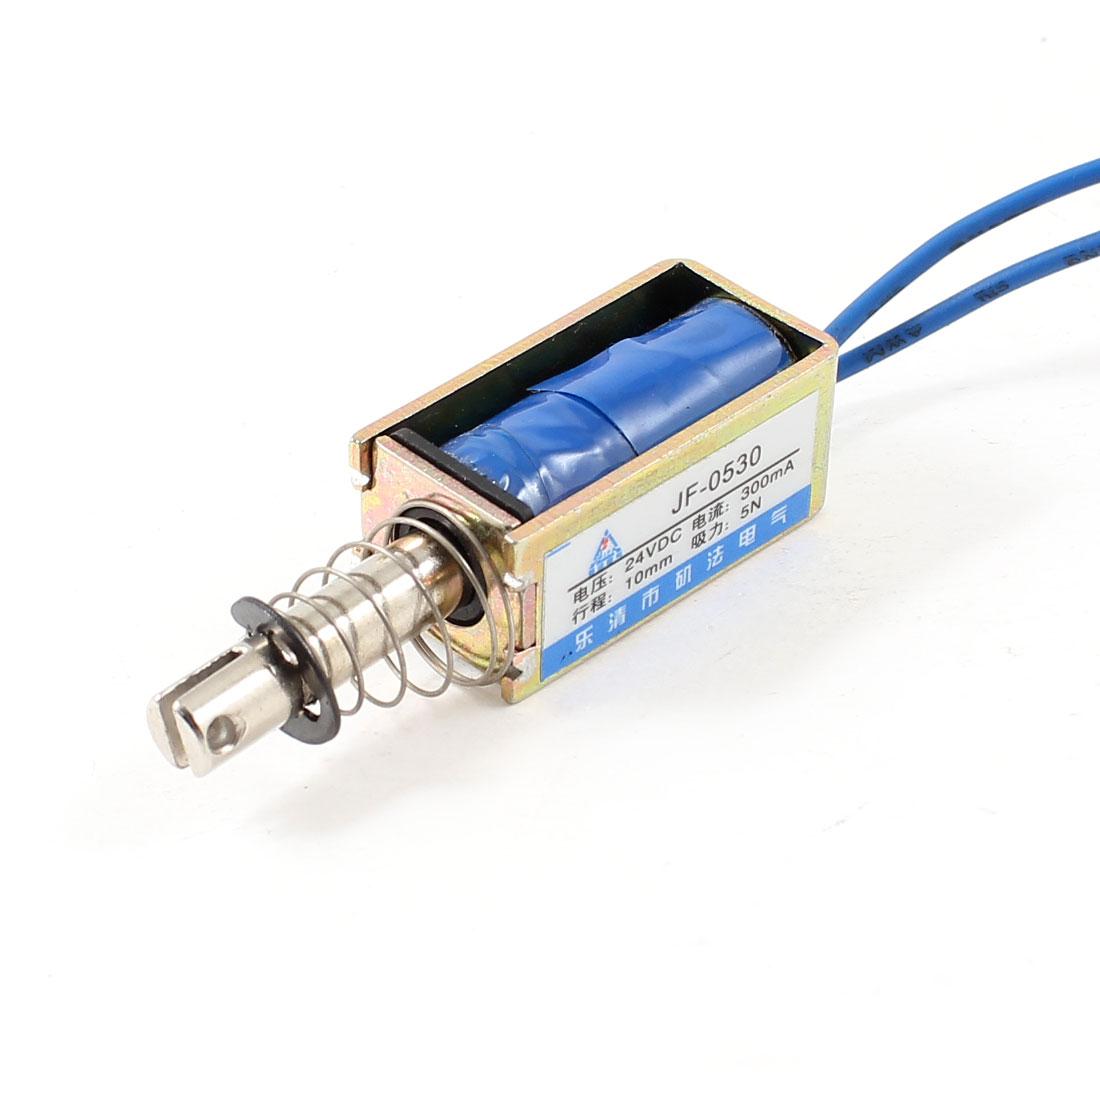 10mm Stroke 0.5Kg Force Pull Type Open Frame Solenoid Electromagnet DC 24V 0.3A